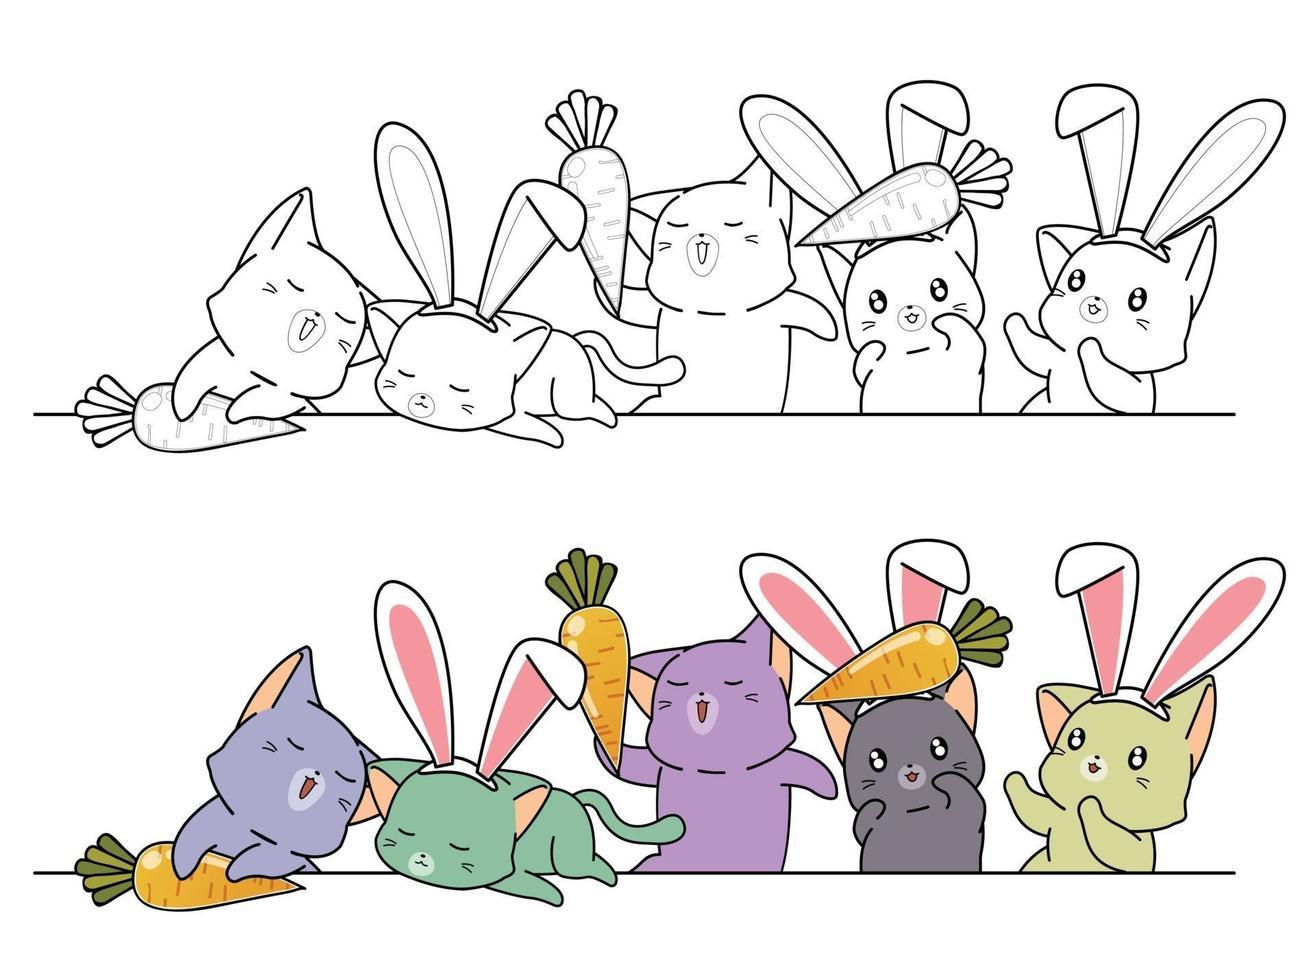 Hasen Katzen lieben Karotten, Malvorlagen für Kinder vektor